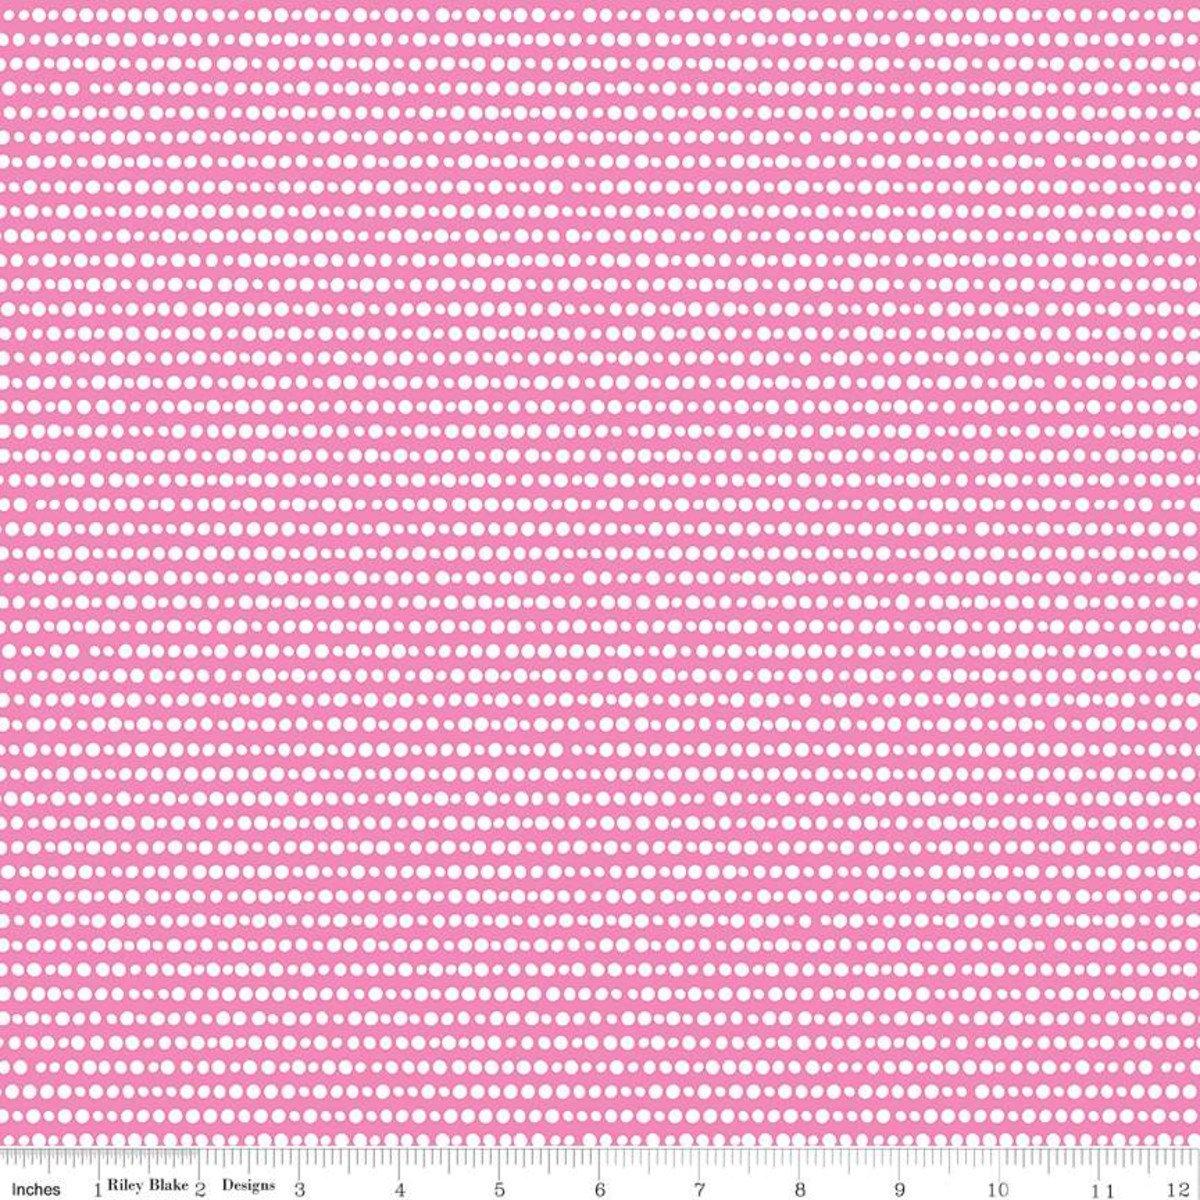 Grl Pwr Dots Pink